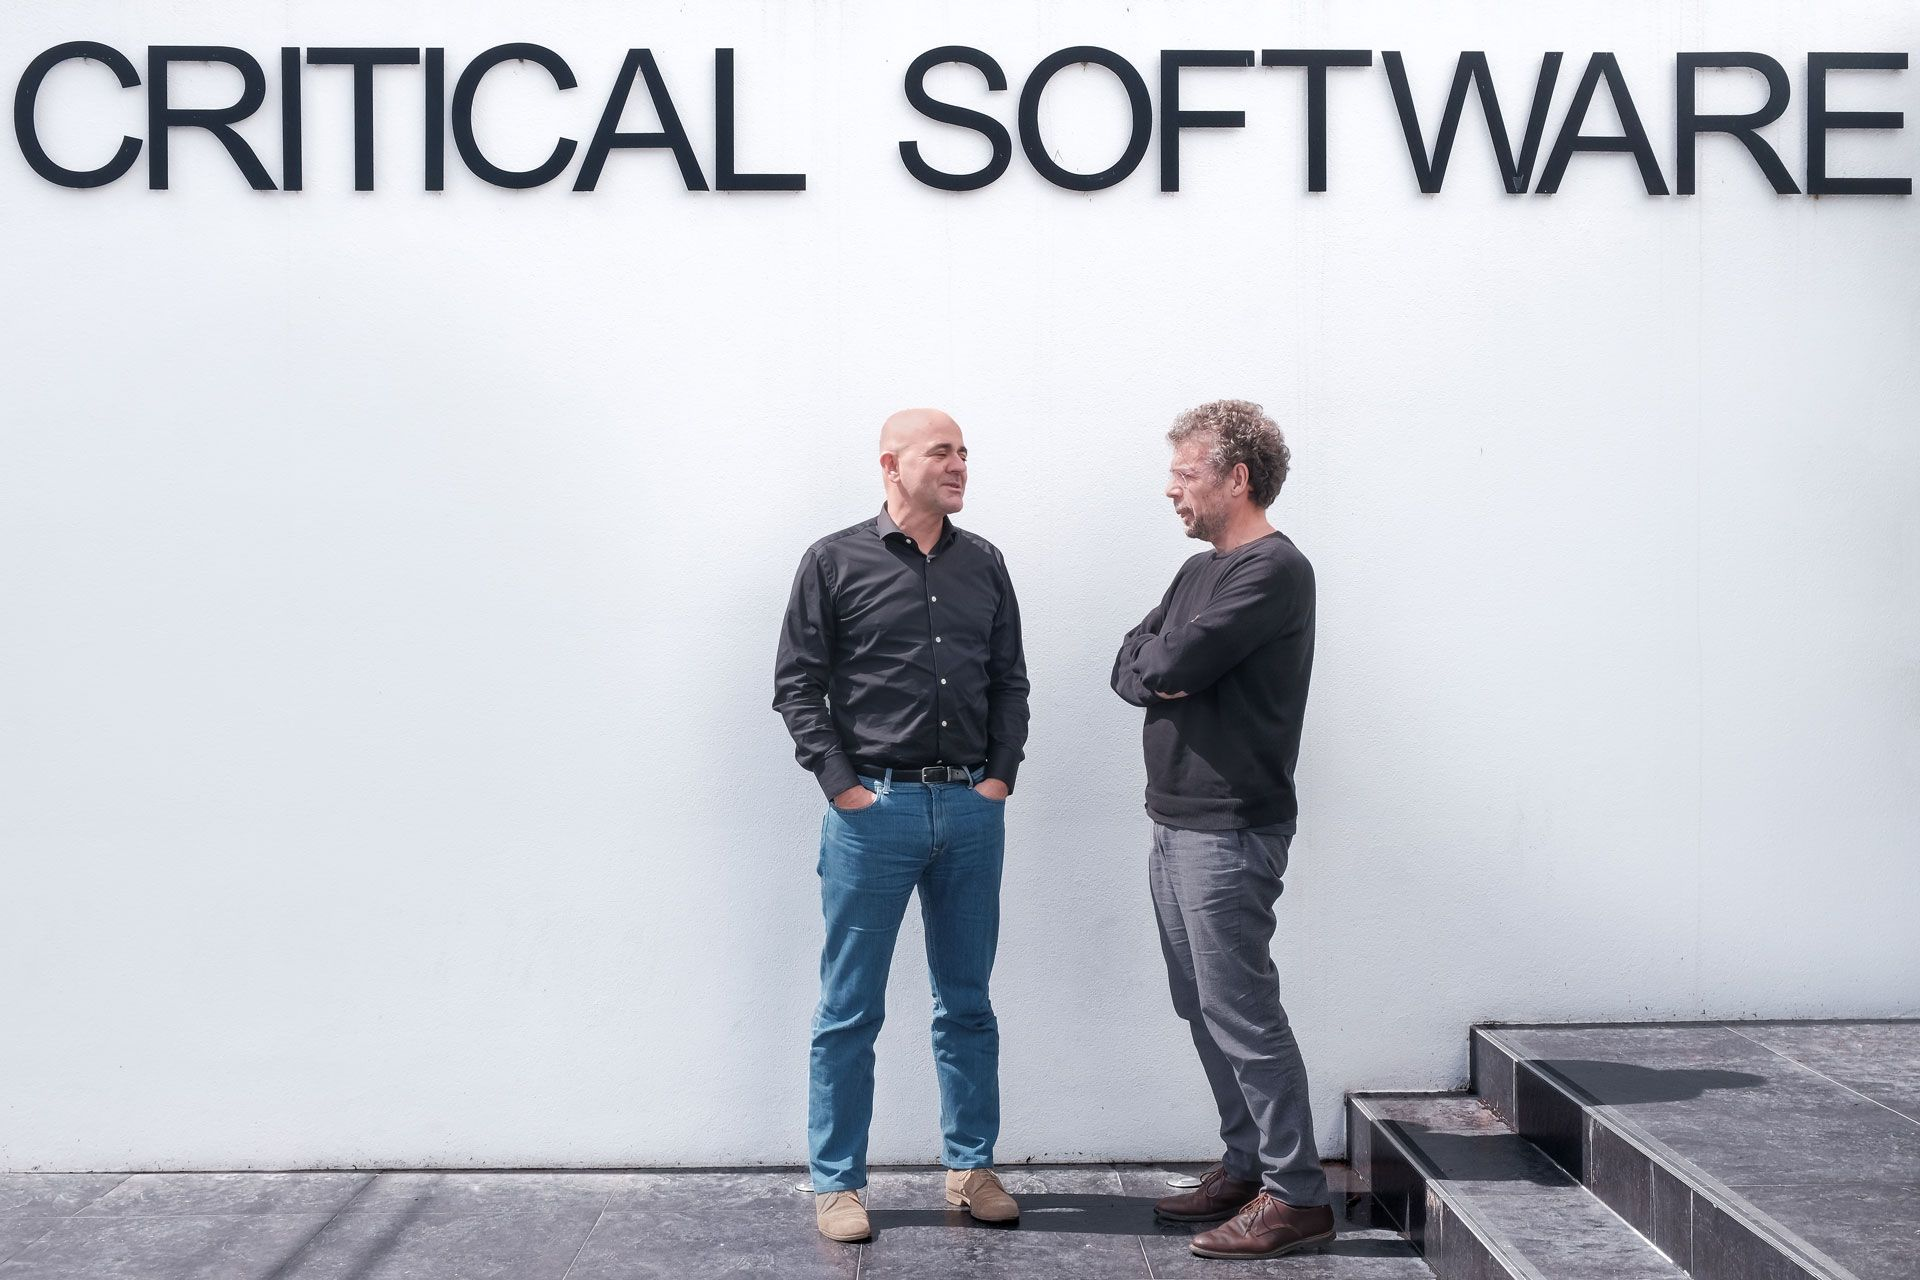 Critical Software Anuncia Mudanças Nos Cargos De CEO E Chairman